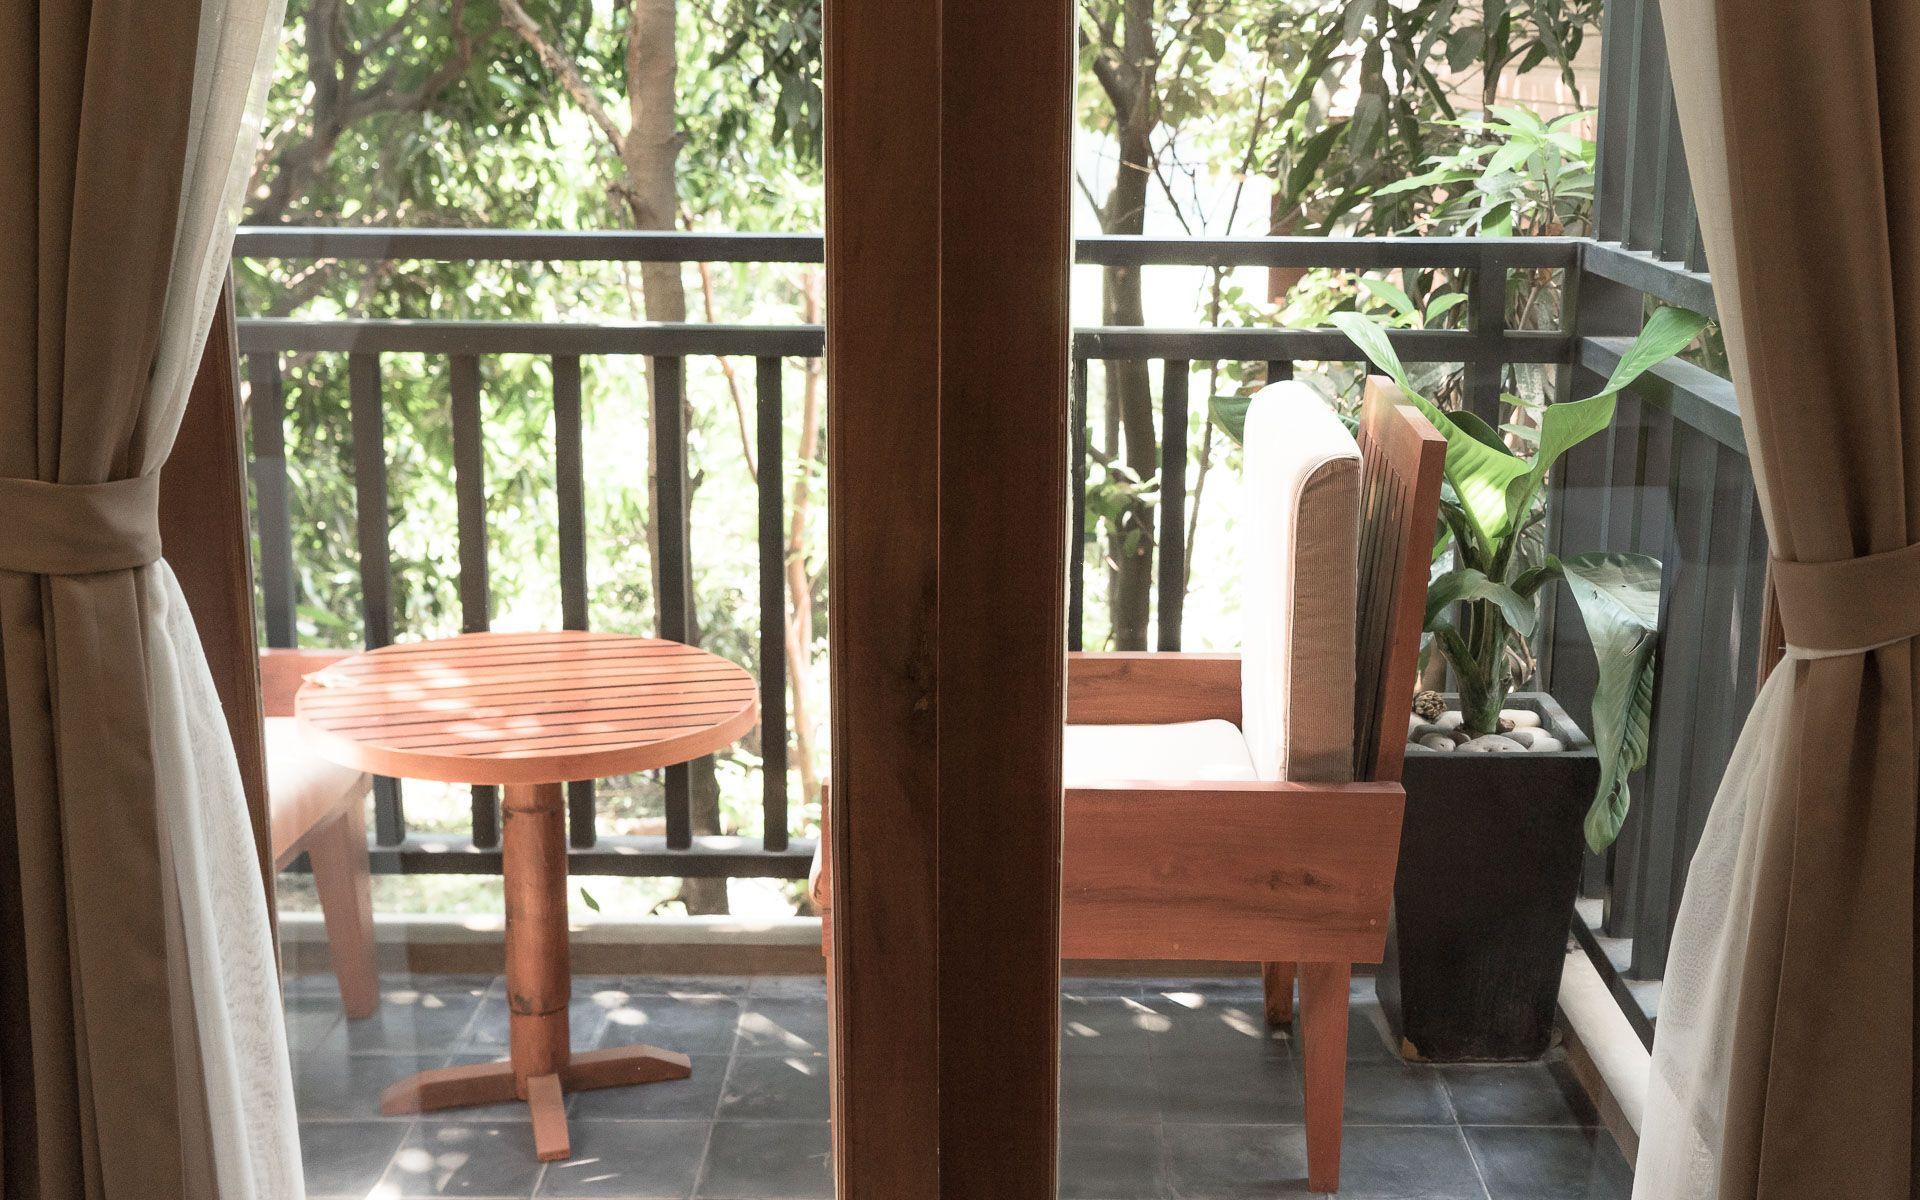 Lesvoyageuses-guide-voyage-siem-reap-angkor-cambodge-won-residence-11